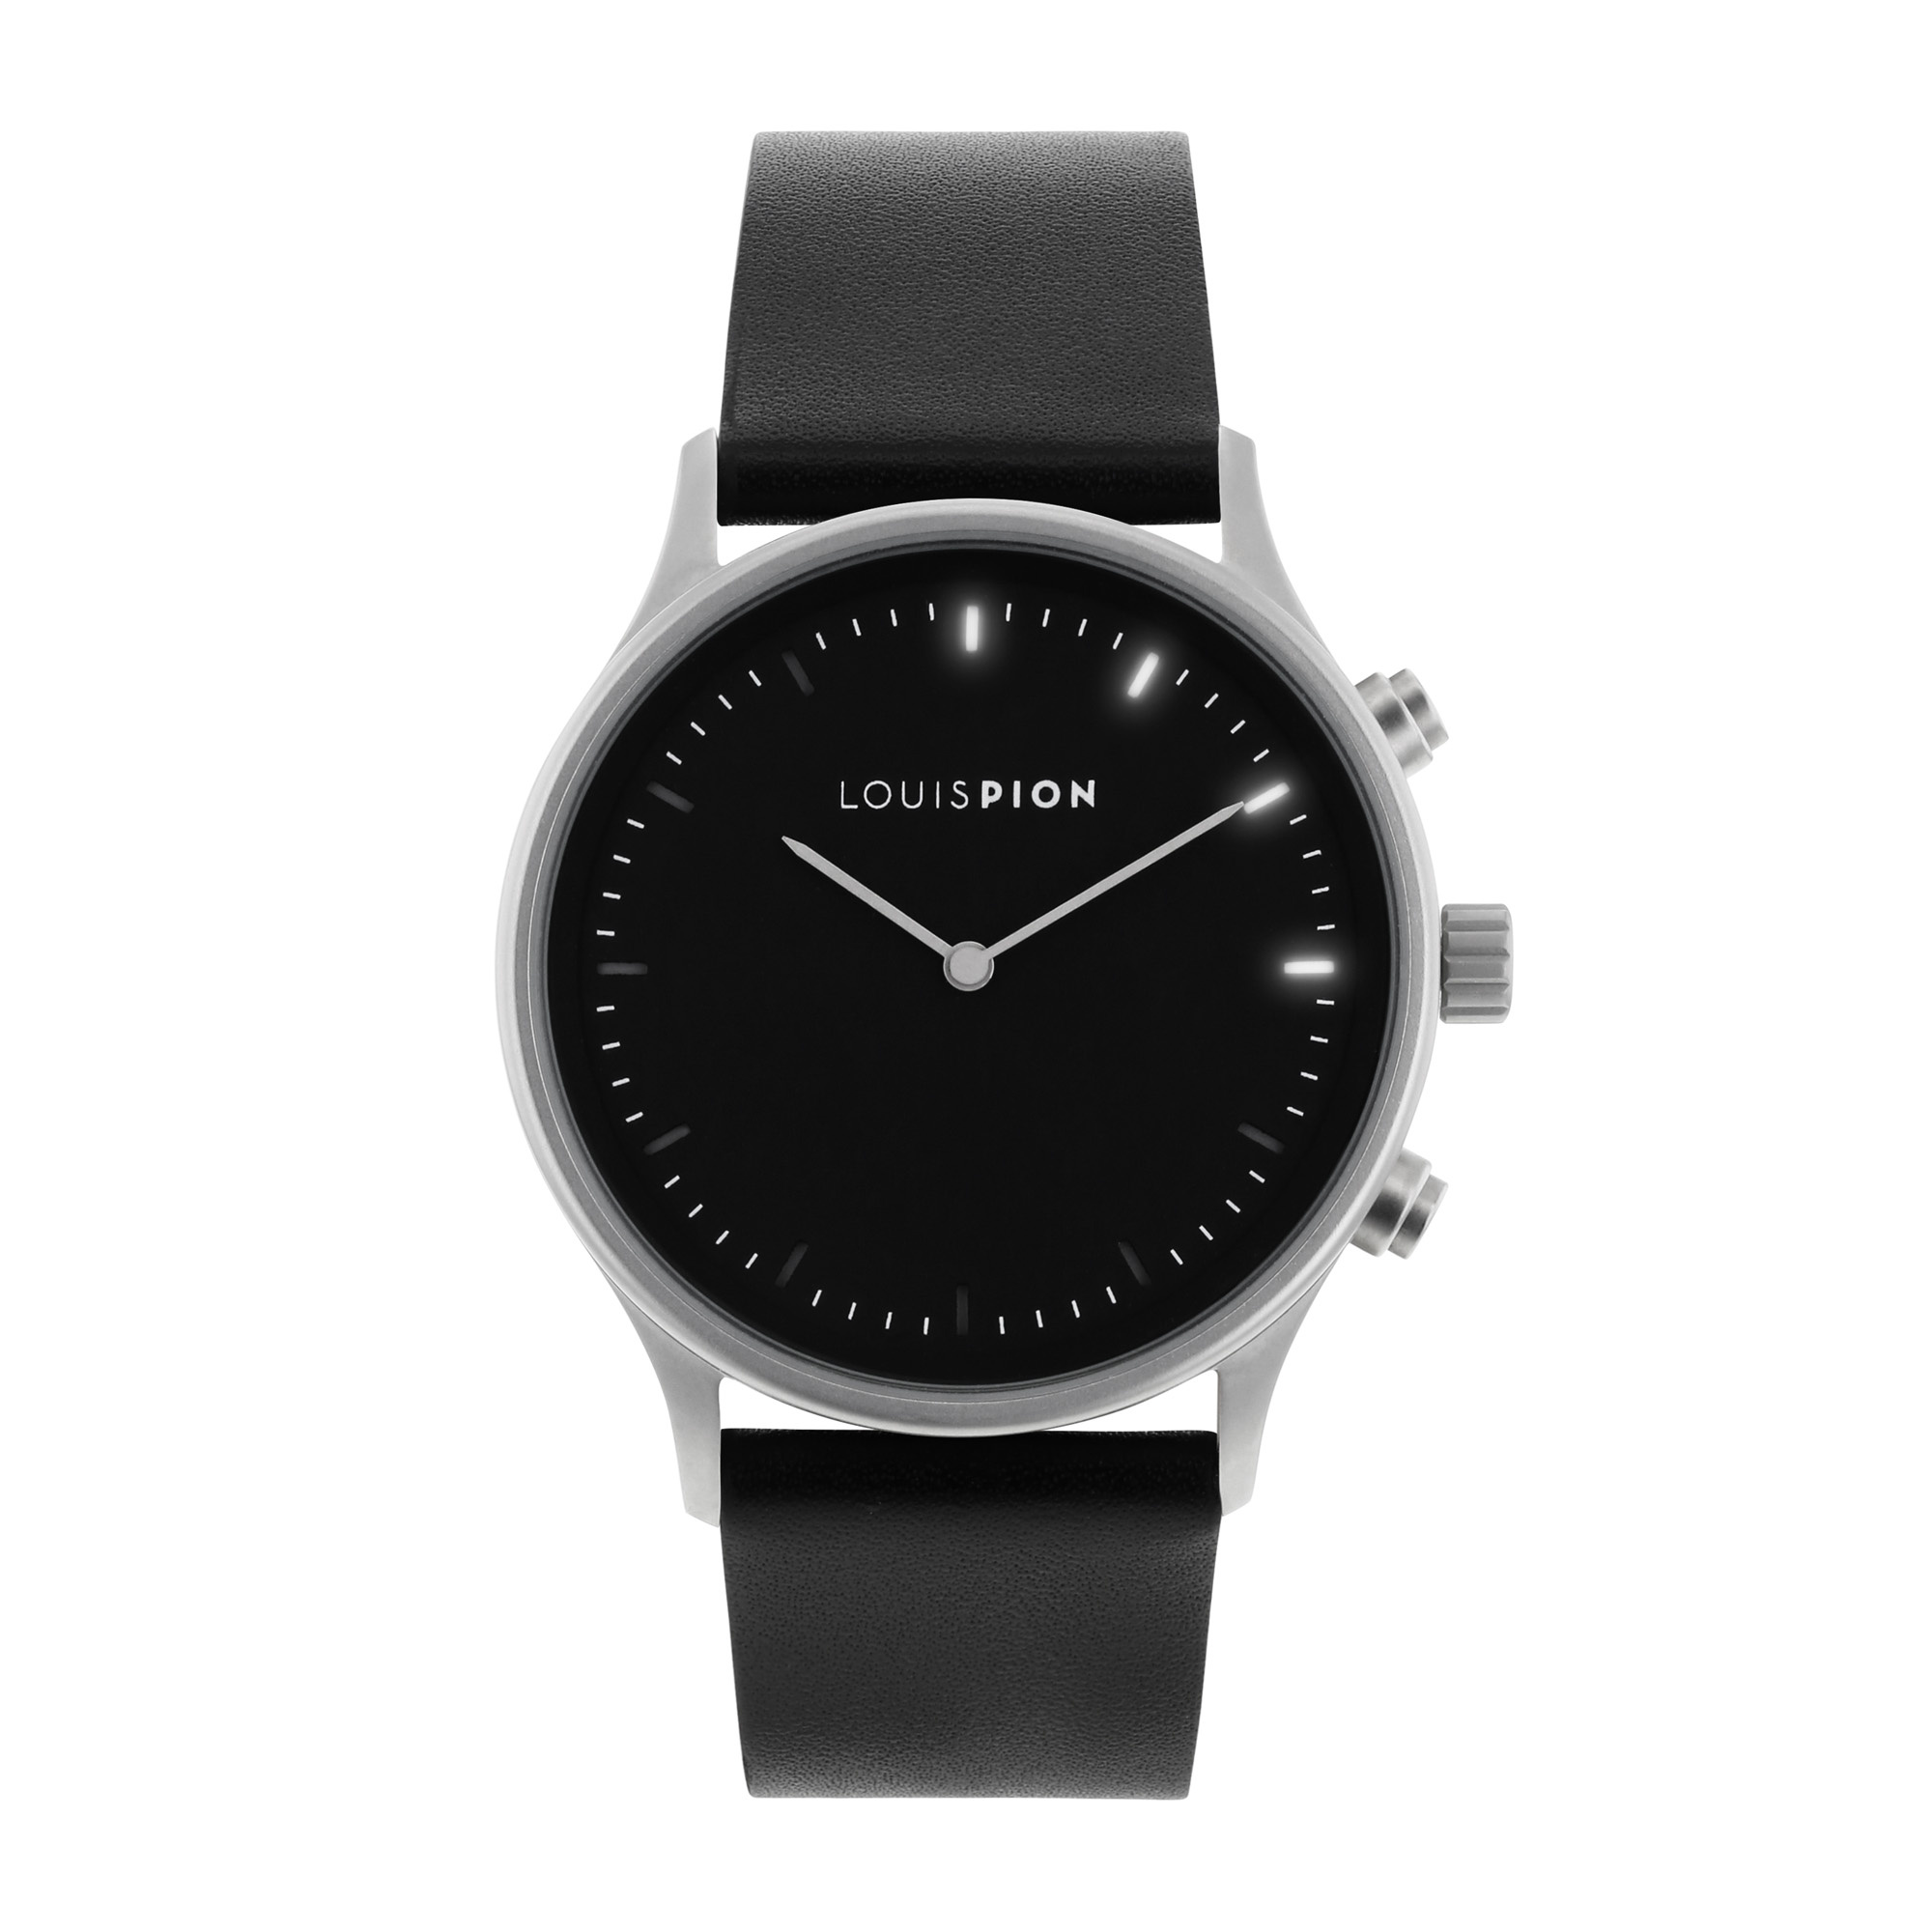 Montre connectée Louis Pion - 15 montres connectées qui remettent les  pendules à l heure - Elle fa9d3dfd8c7